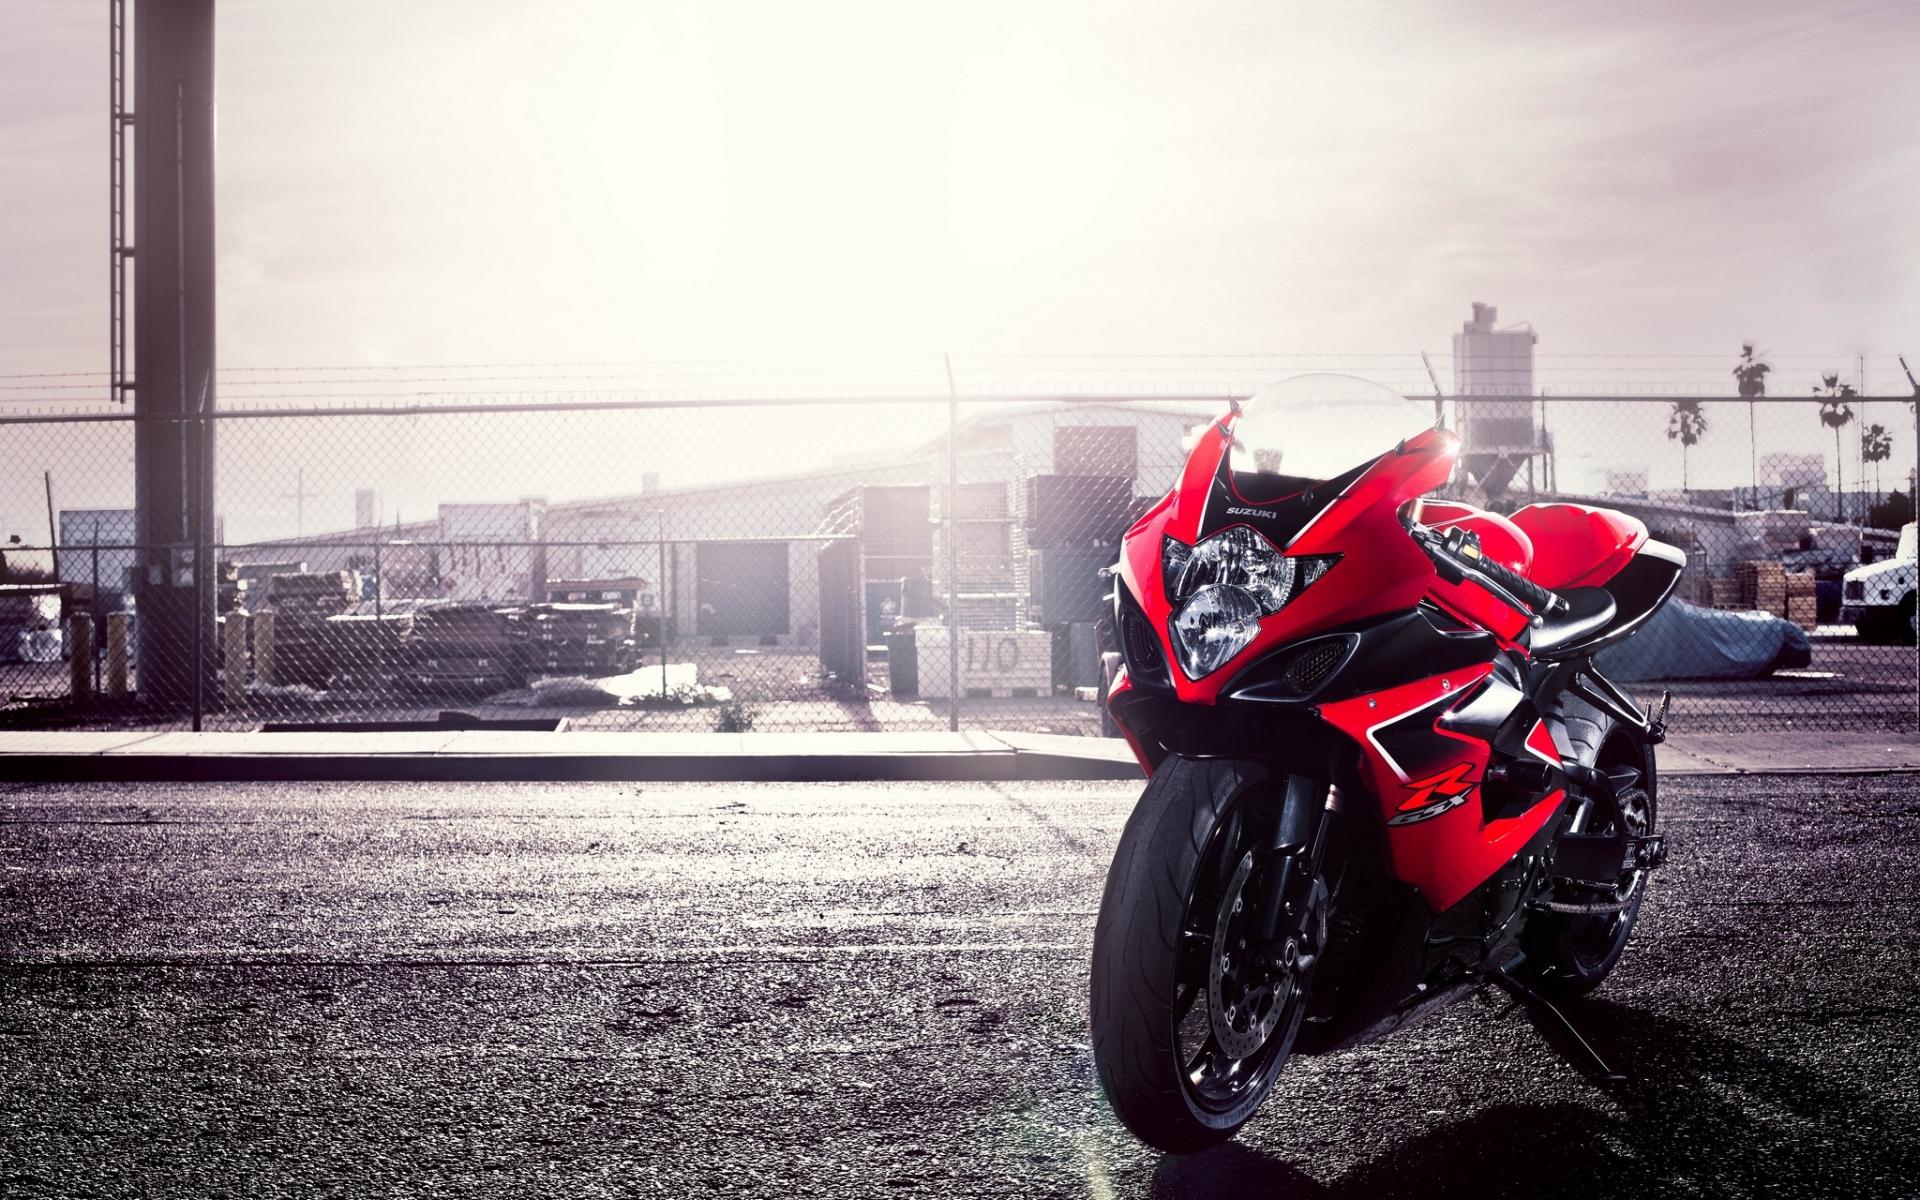 Картинки GSX-R, Судзуки, мотоцикл, красный, 1000 фото и обои на рабочий стол